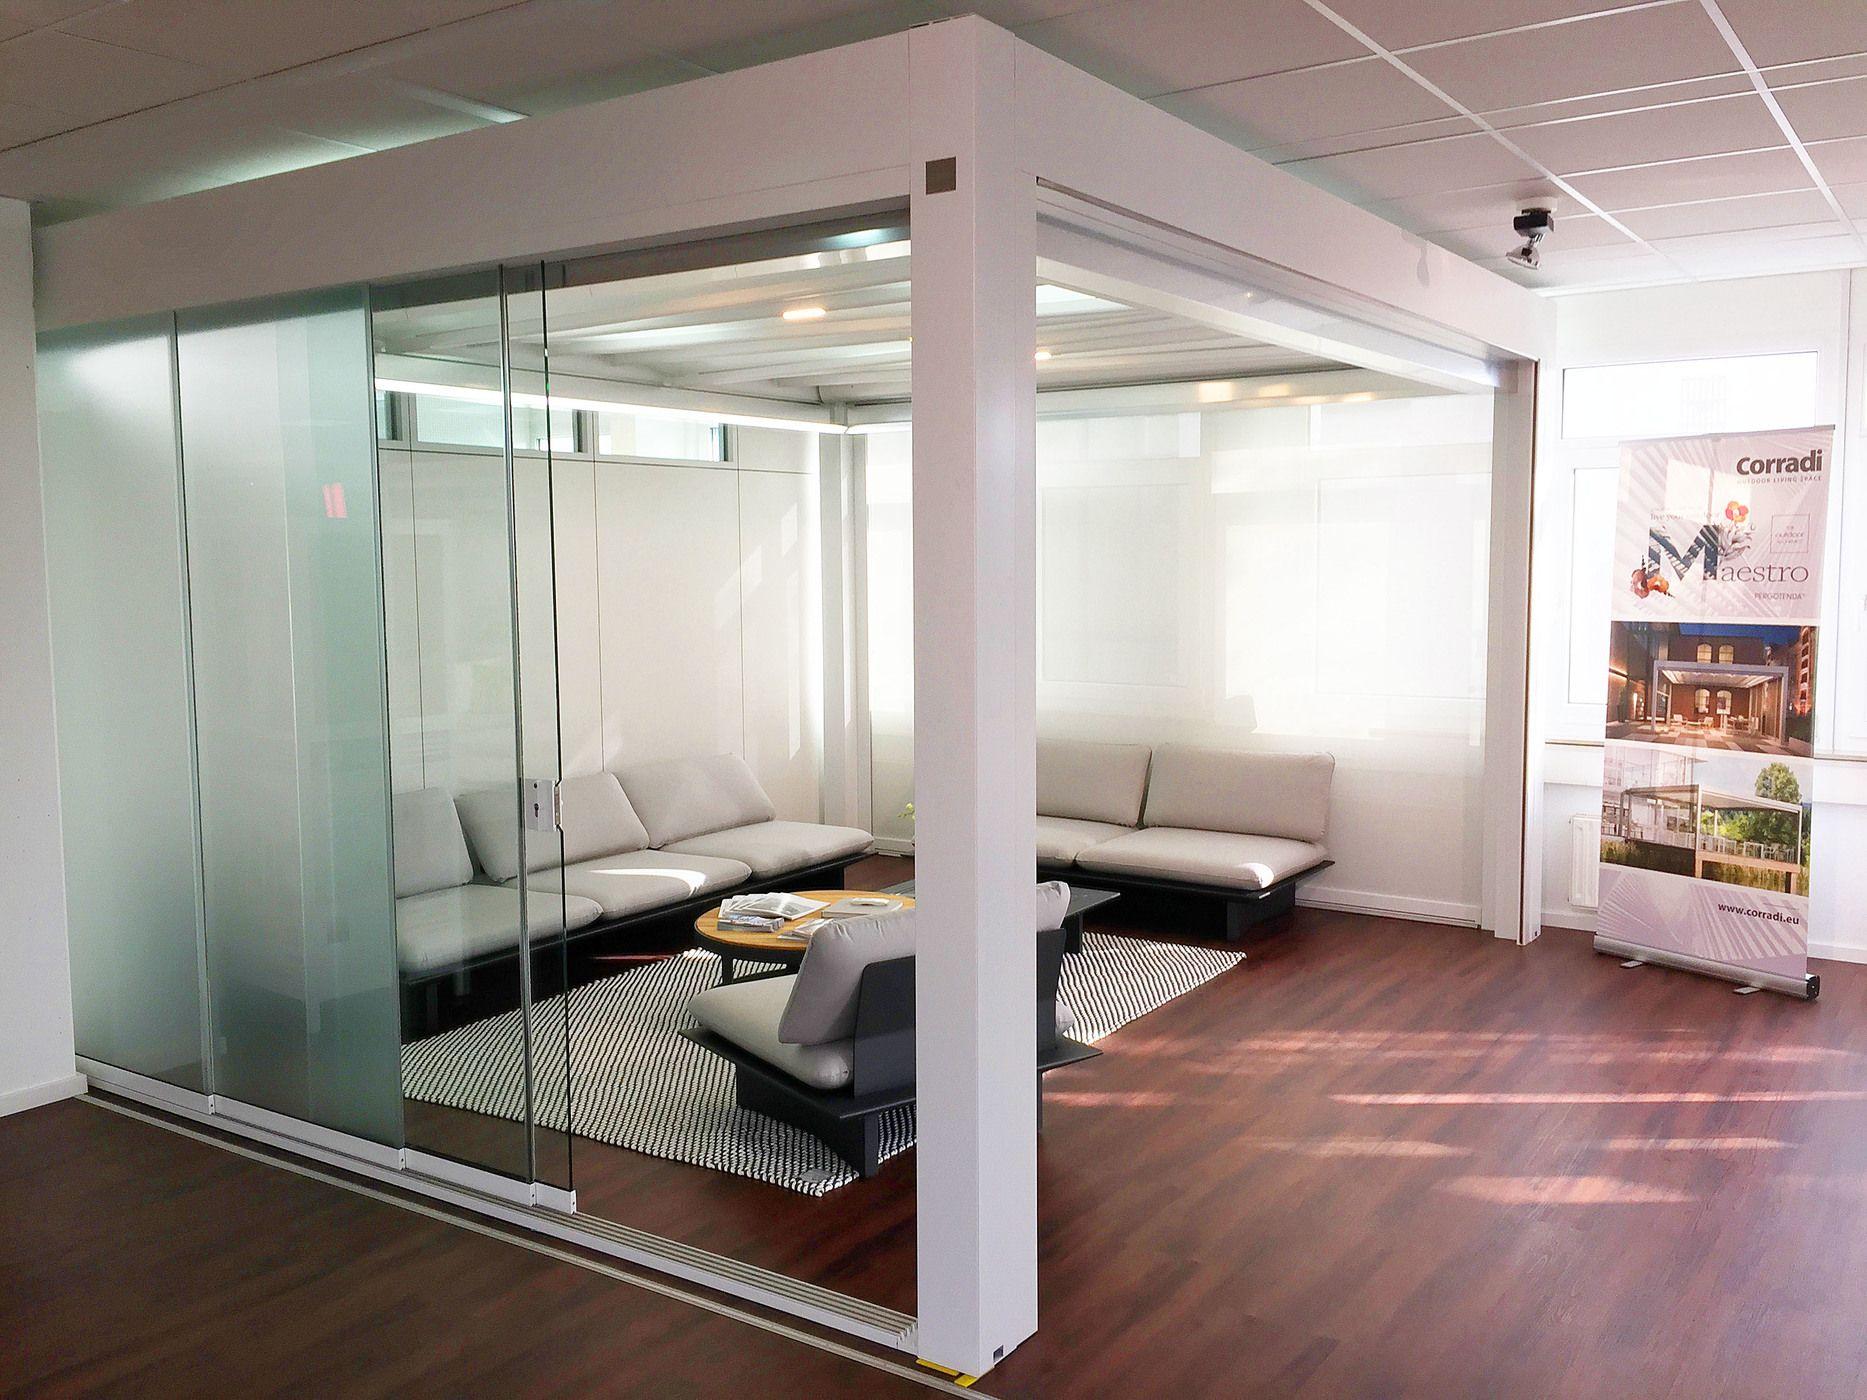 Designermöbel Stuttgart referenzen rolladen bauer stuttgart ausstellung aluminium corradi